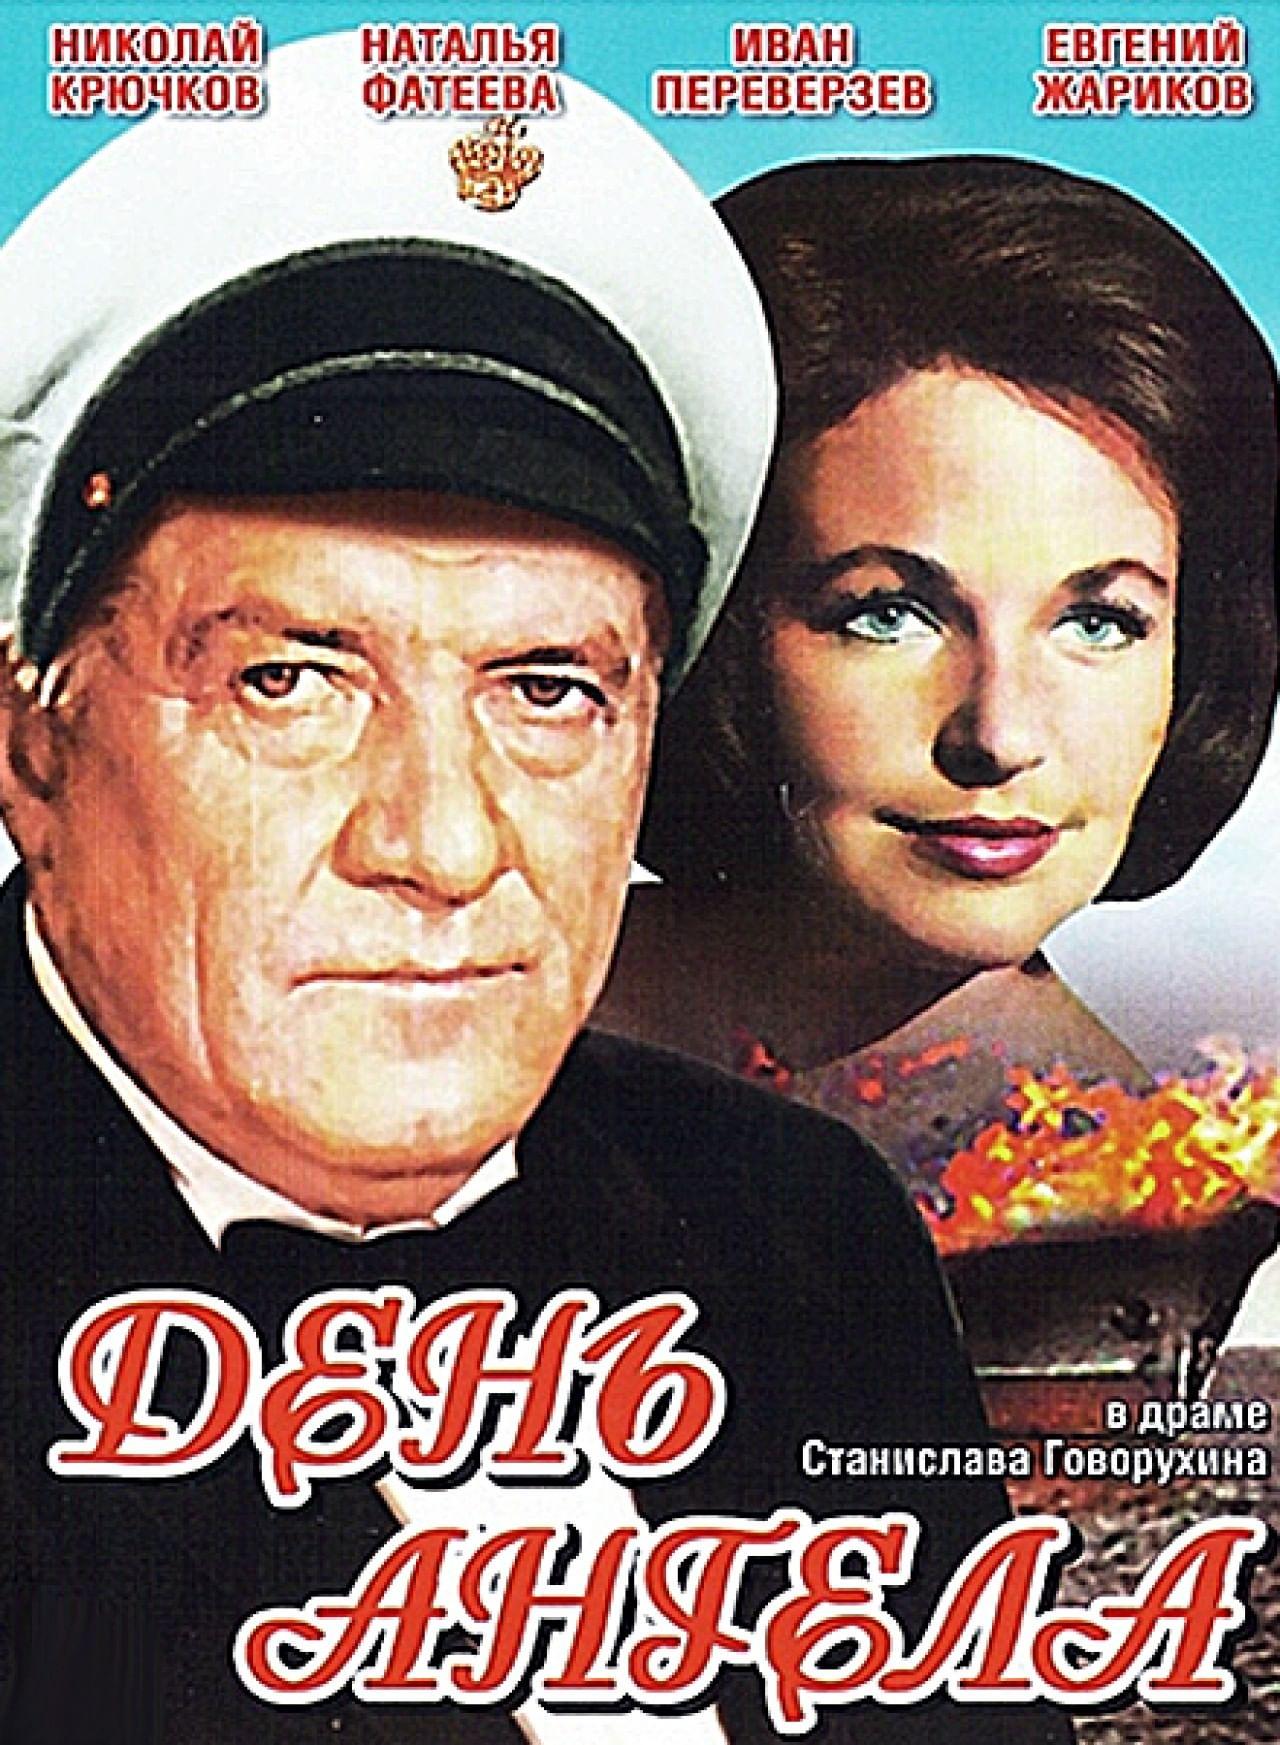 бесплатно скачать фильмы с участием бориса фёдоровича андреева